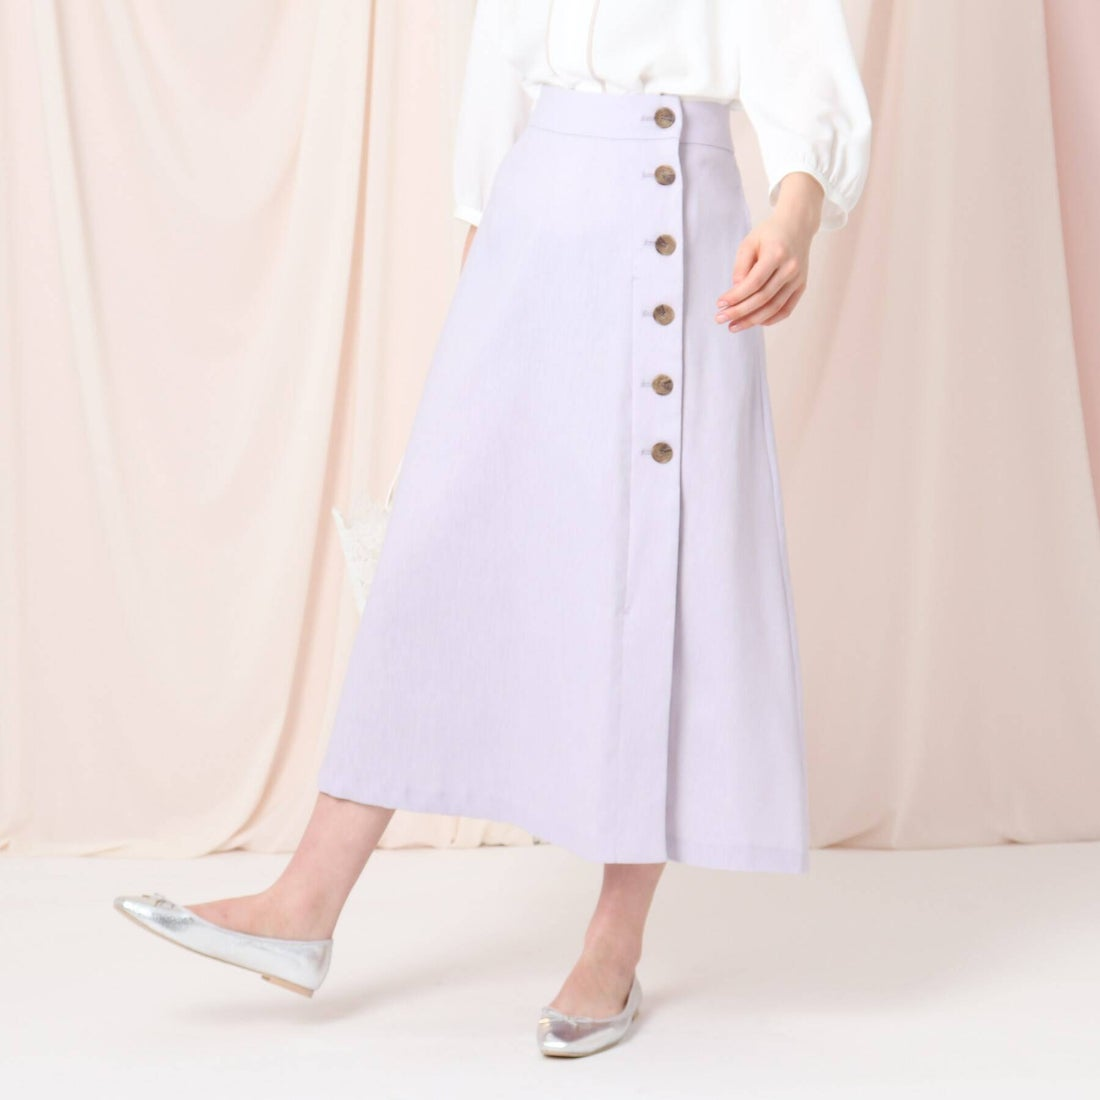 クチュール ブローチ Couture brooch 【洗える】リネン混タックボタンスカート (ライトパープル)